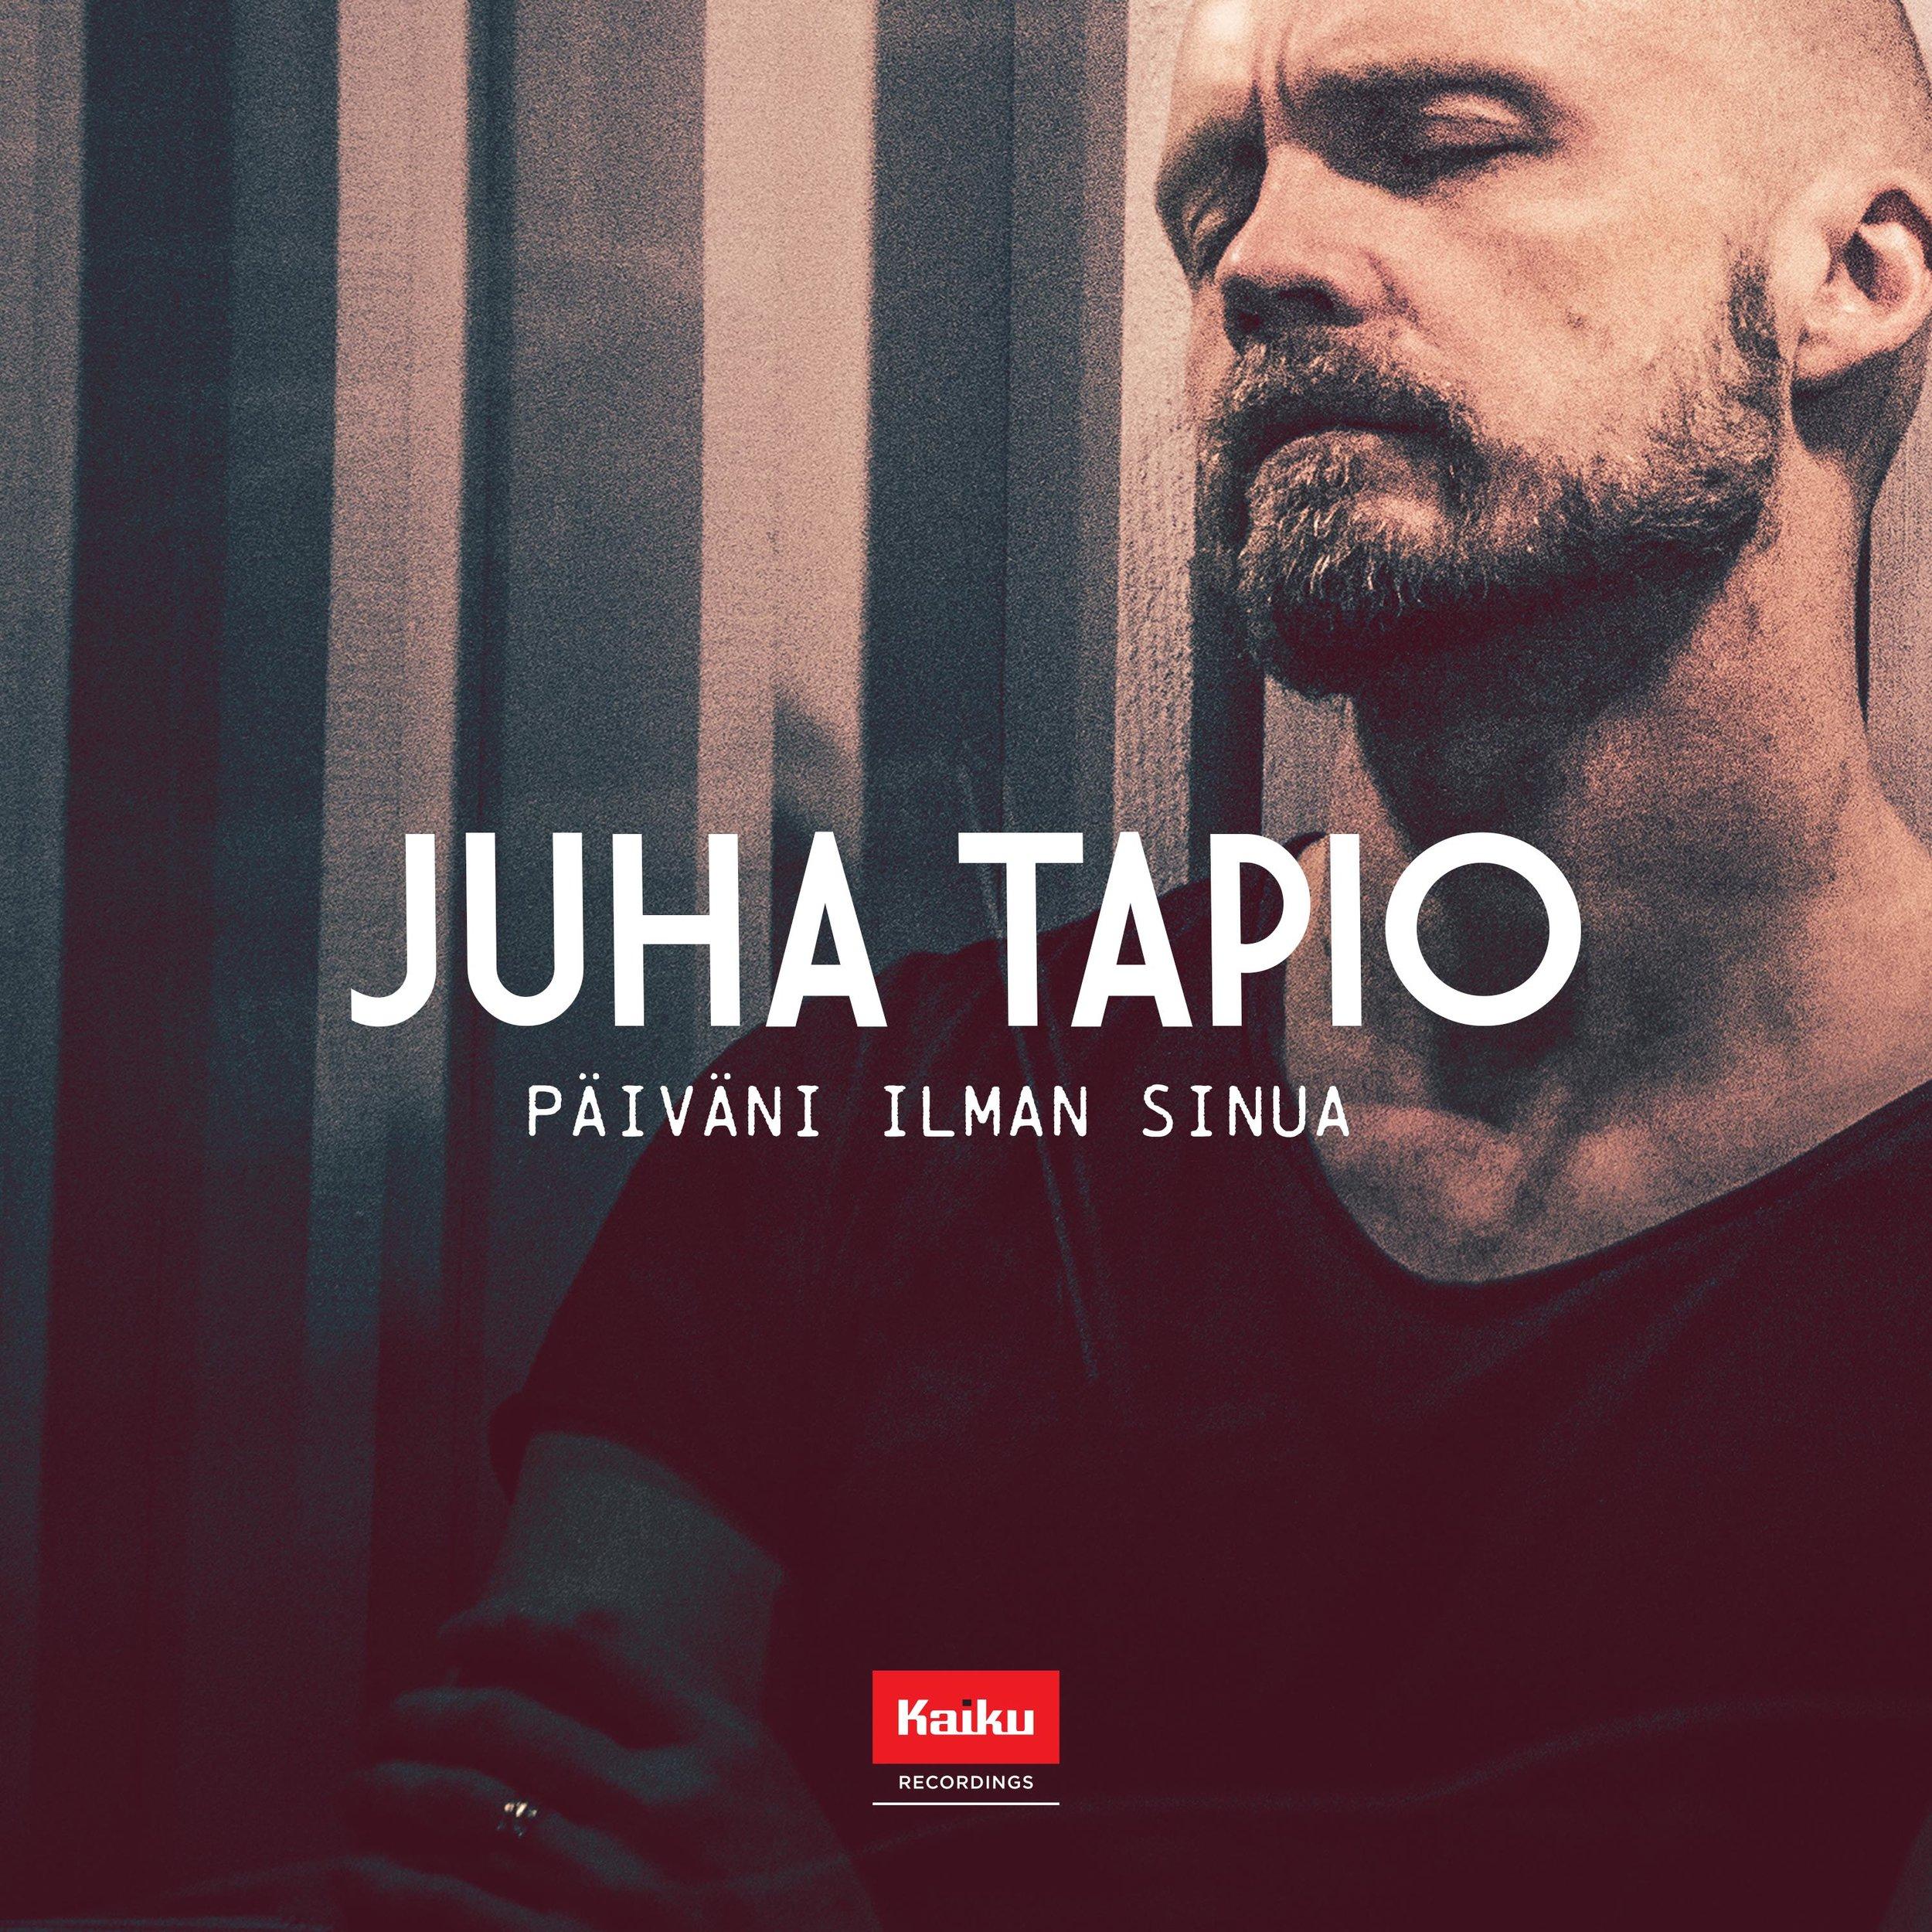 Juha_tapio_Paivani_ilman_sinua.jpg